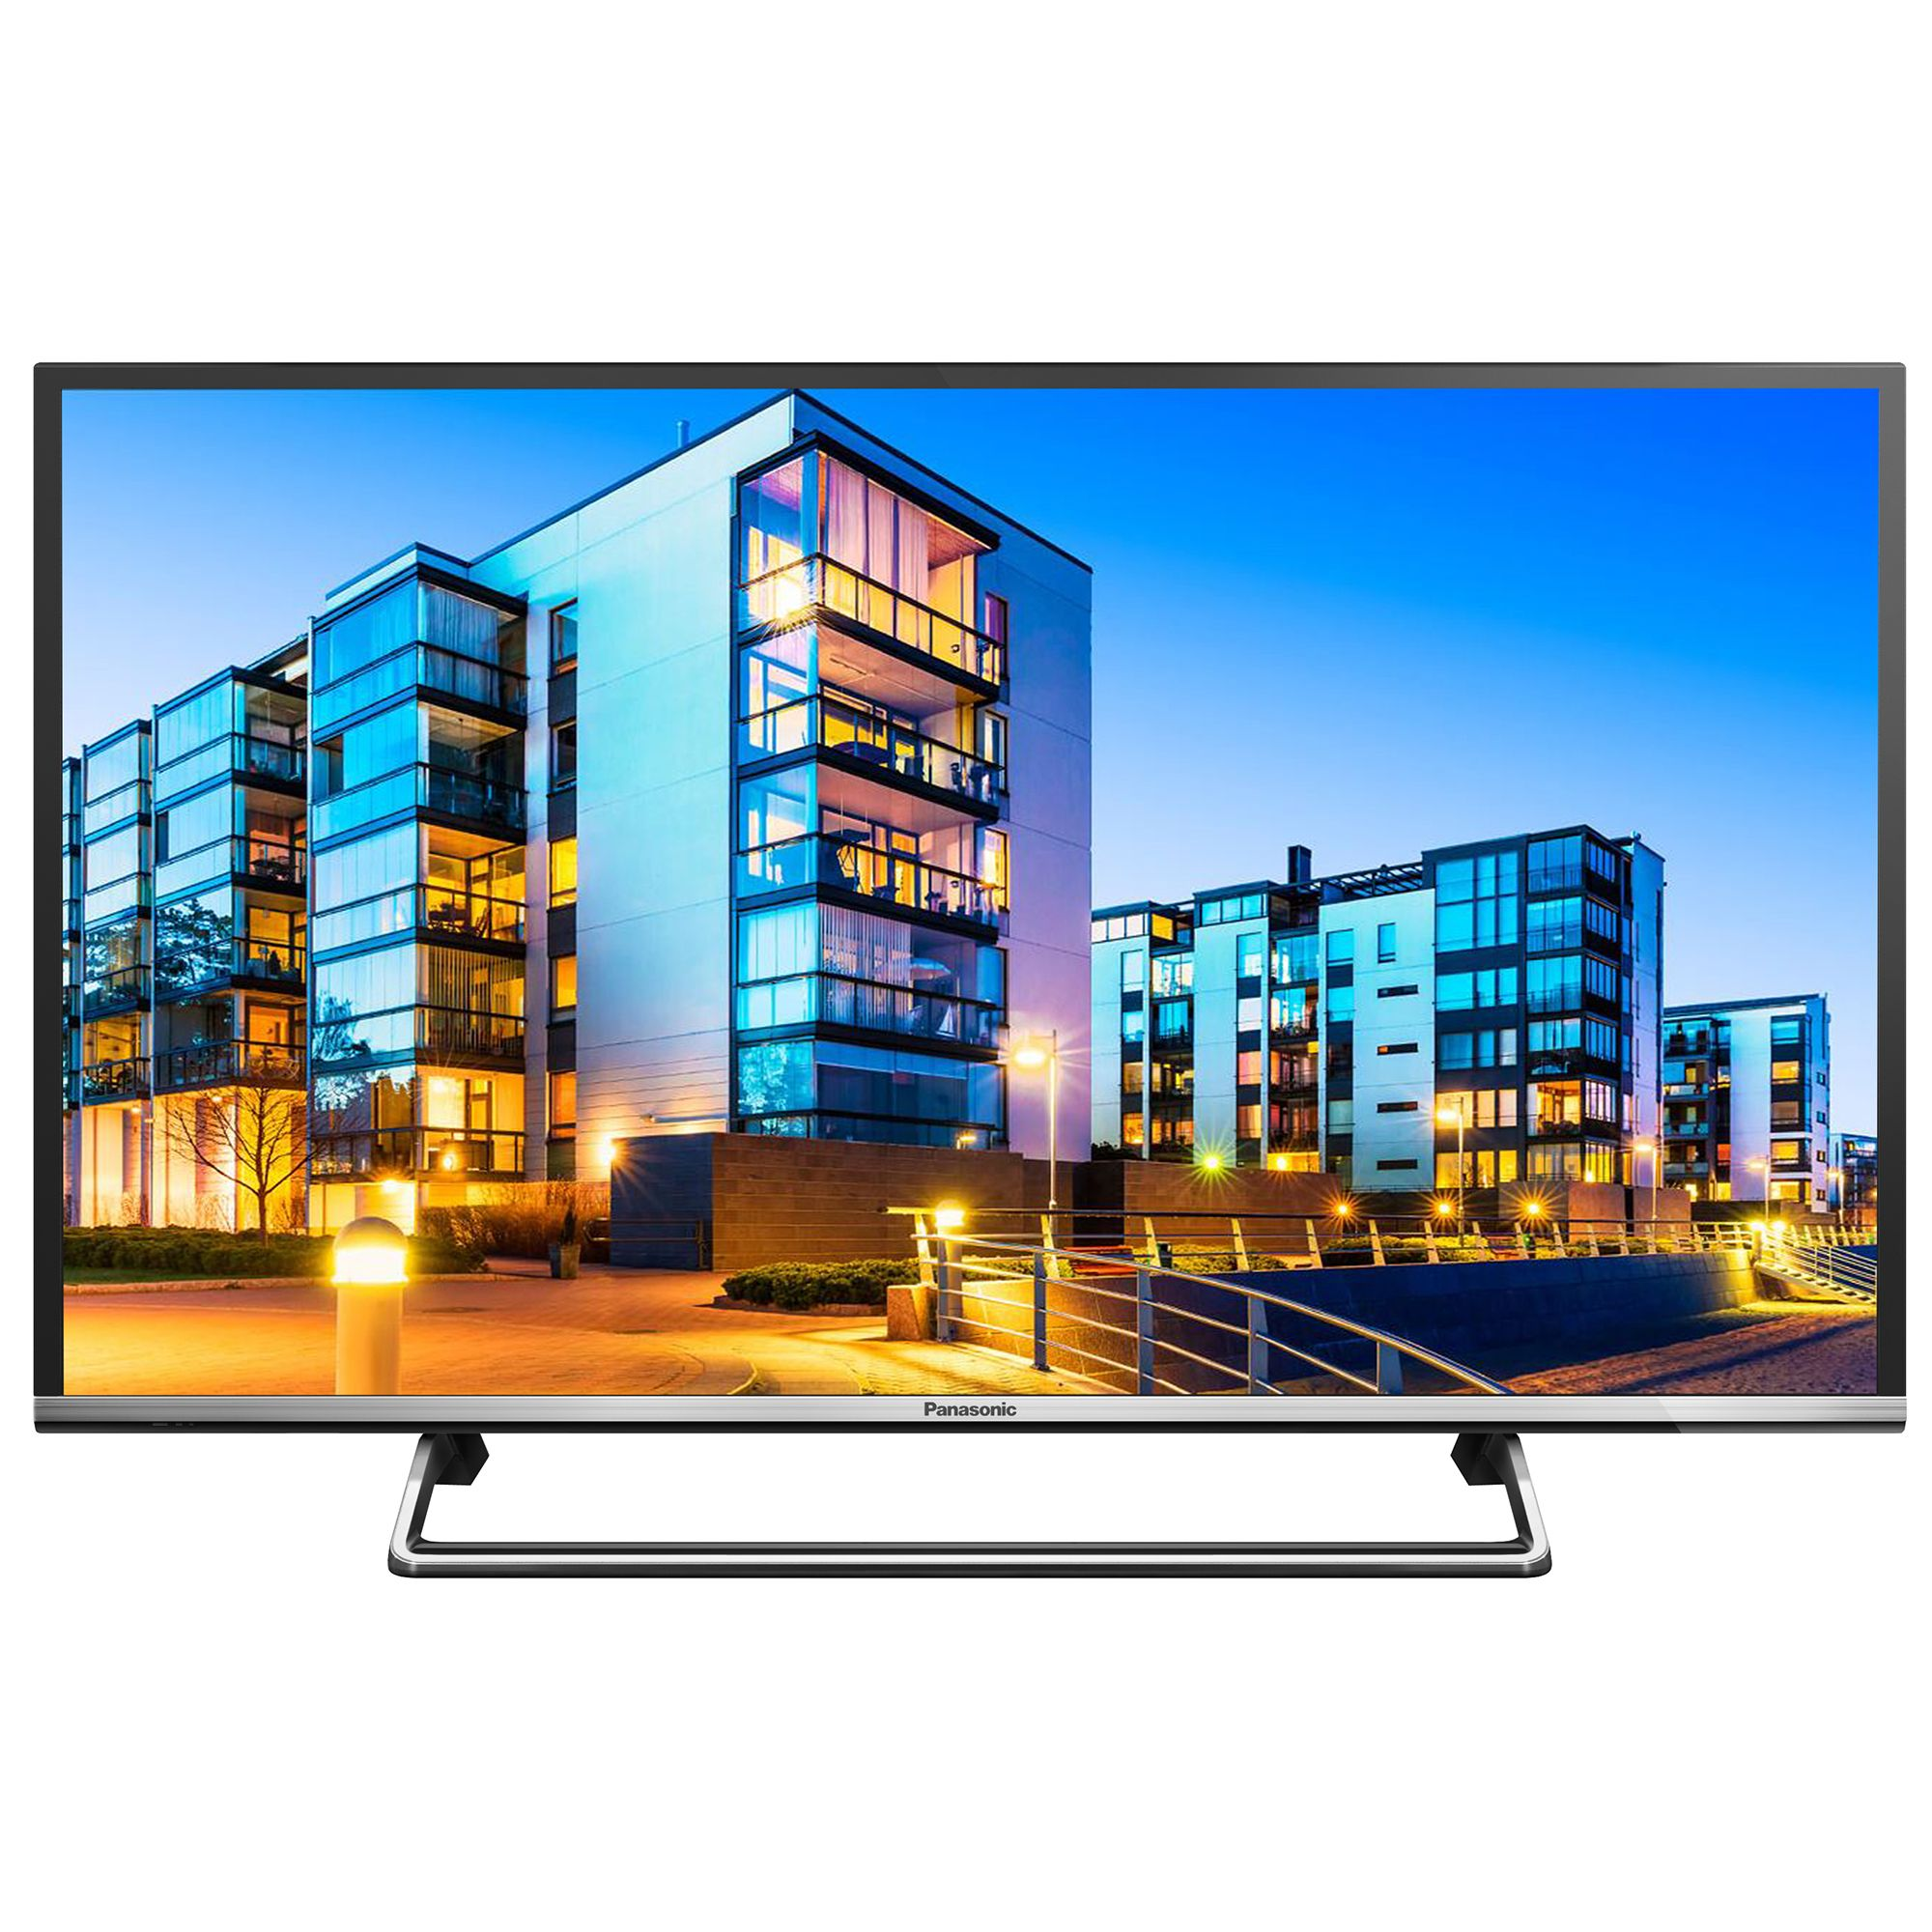 Televizor LED Panasonic VIERA Smart TV TX-55DS500E 55 Full HD Negru